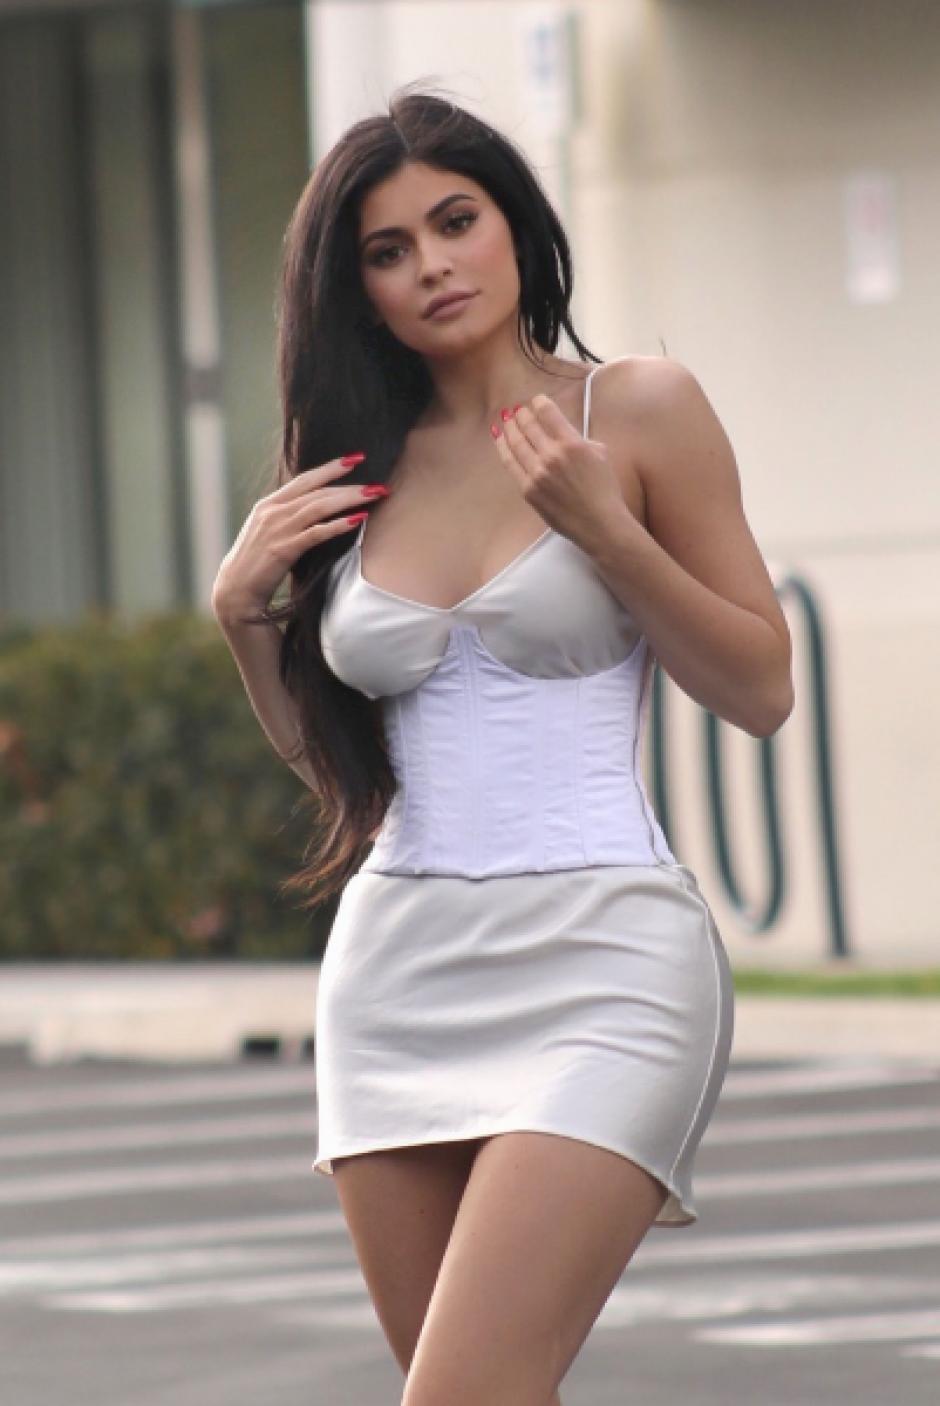 Kylie Jenner cuenta con una línea de cosméticos y productos de belleza.  (Foto: TMZ)